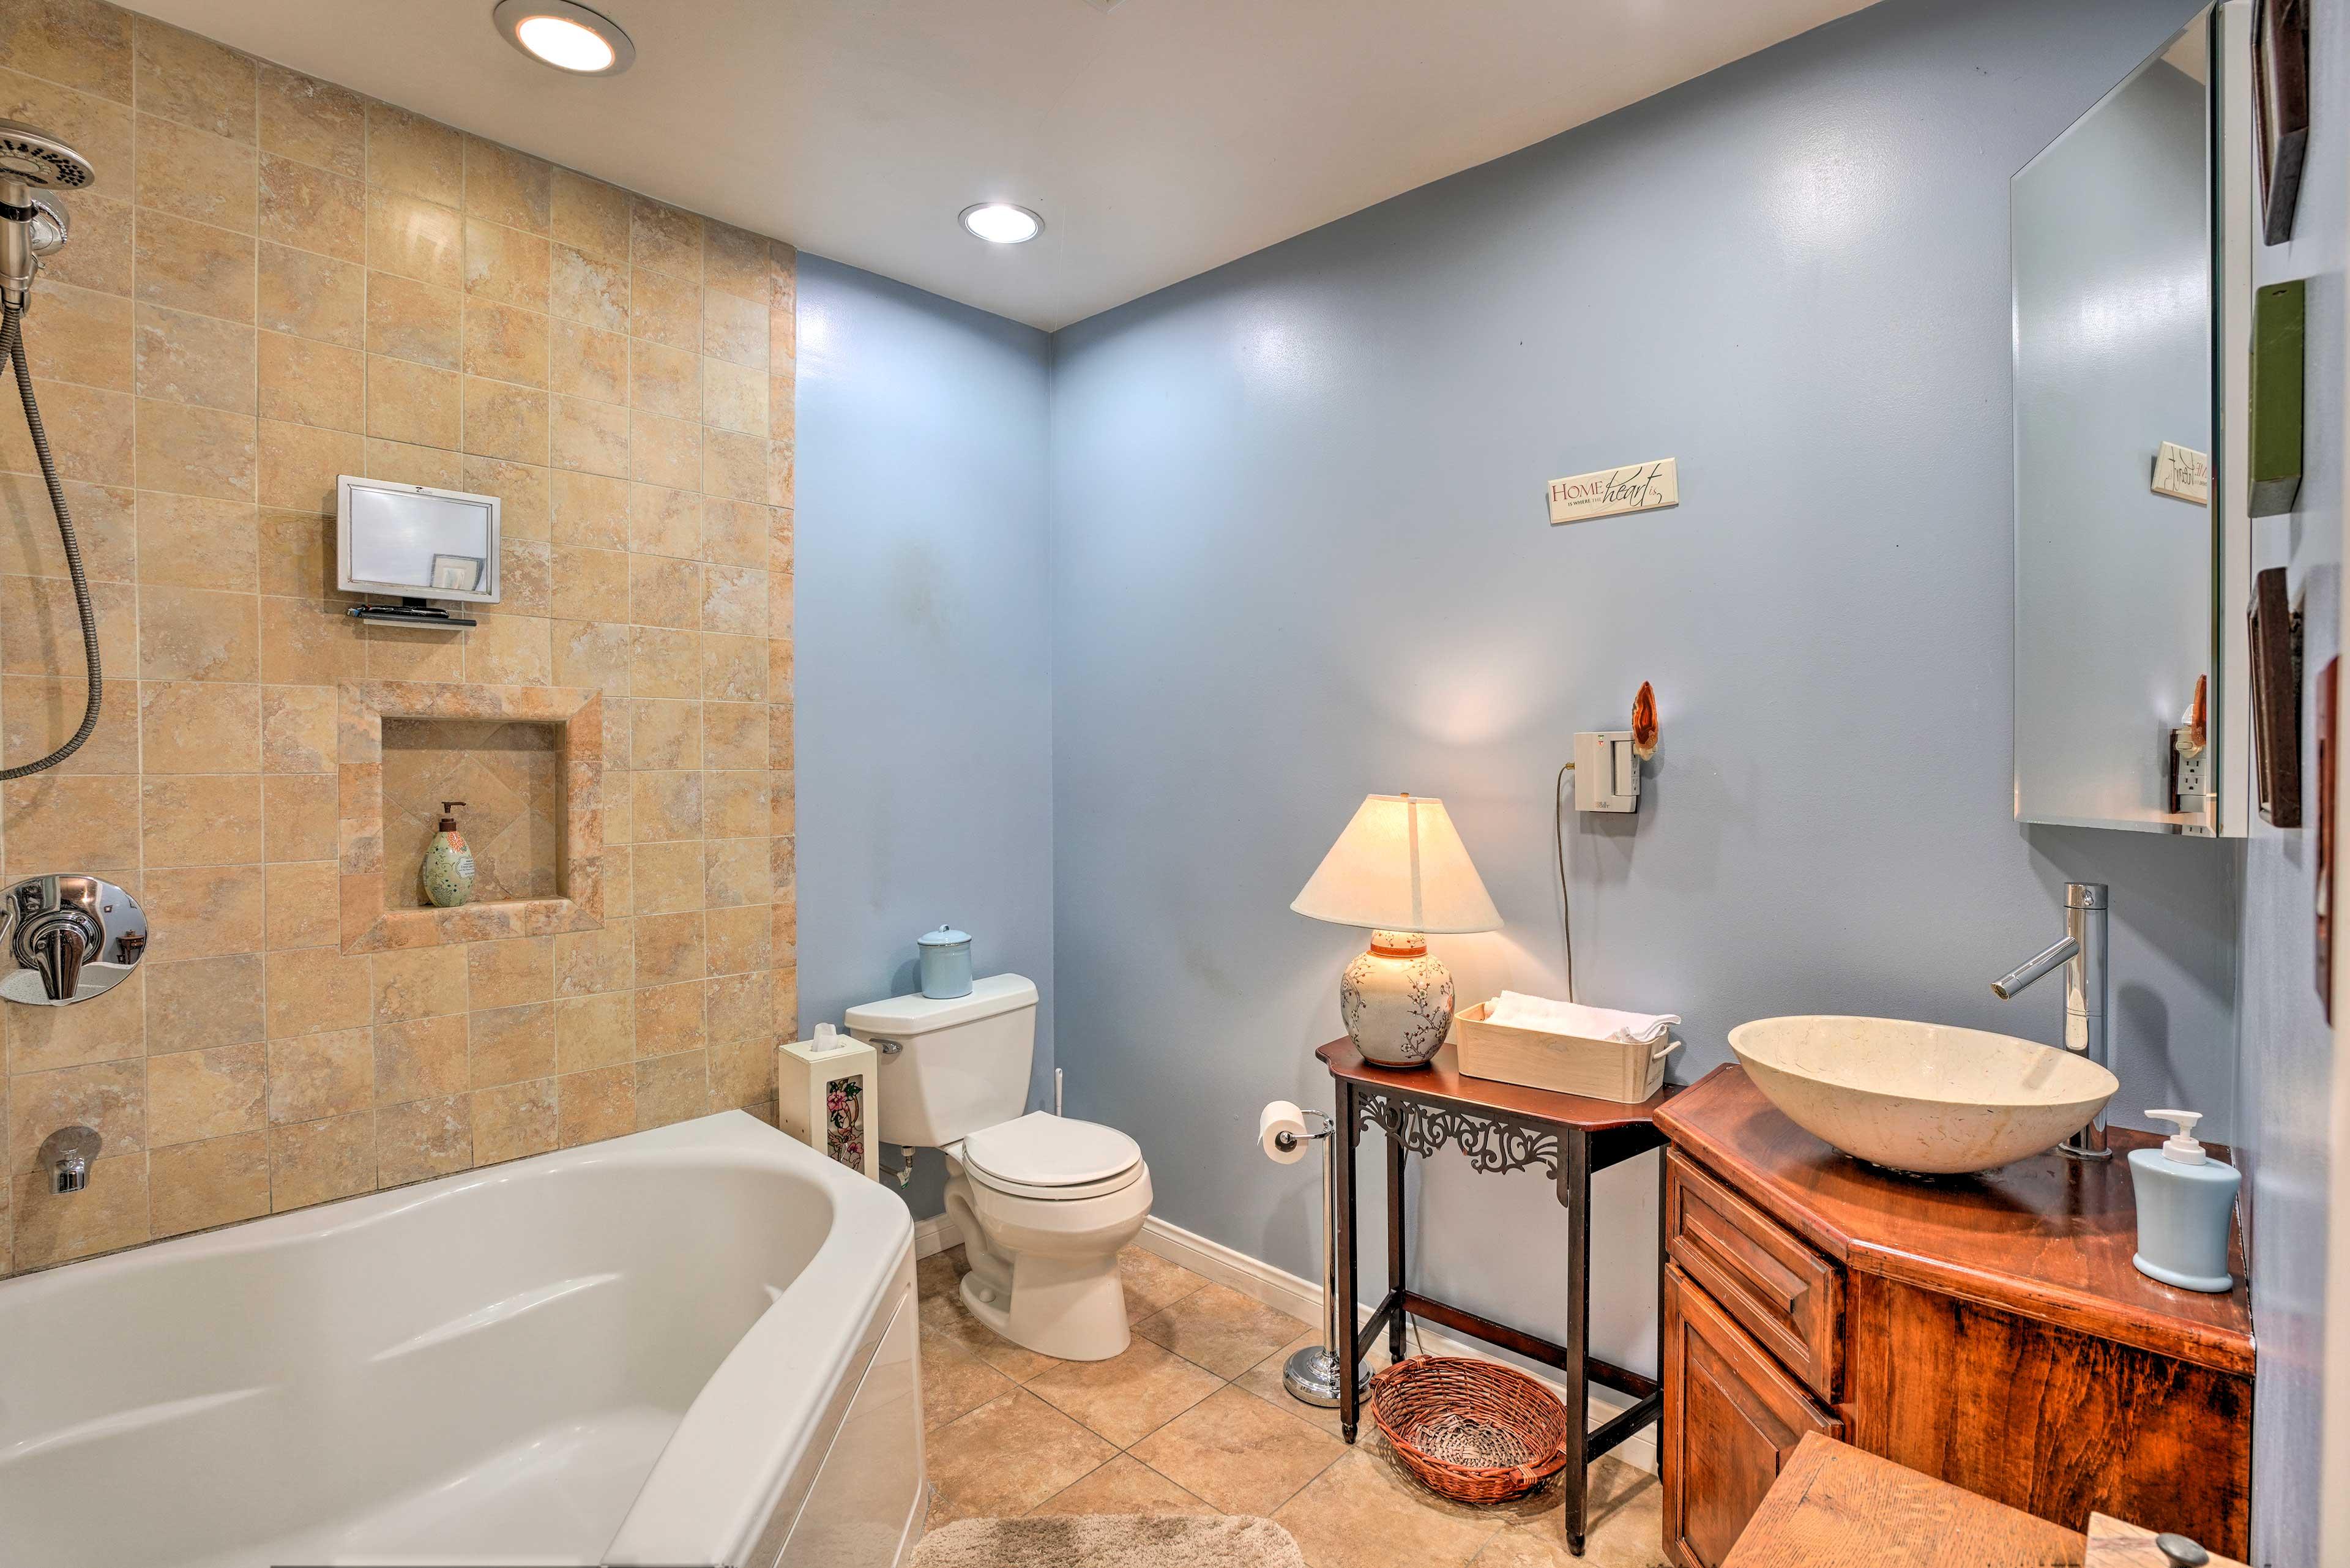 Enjoy a relaxing soak in this en-suite bathroom.